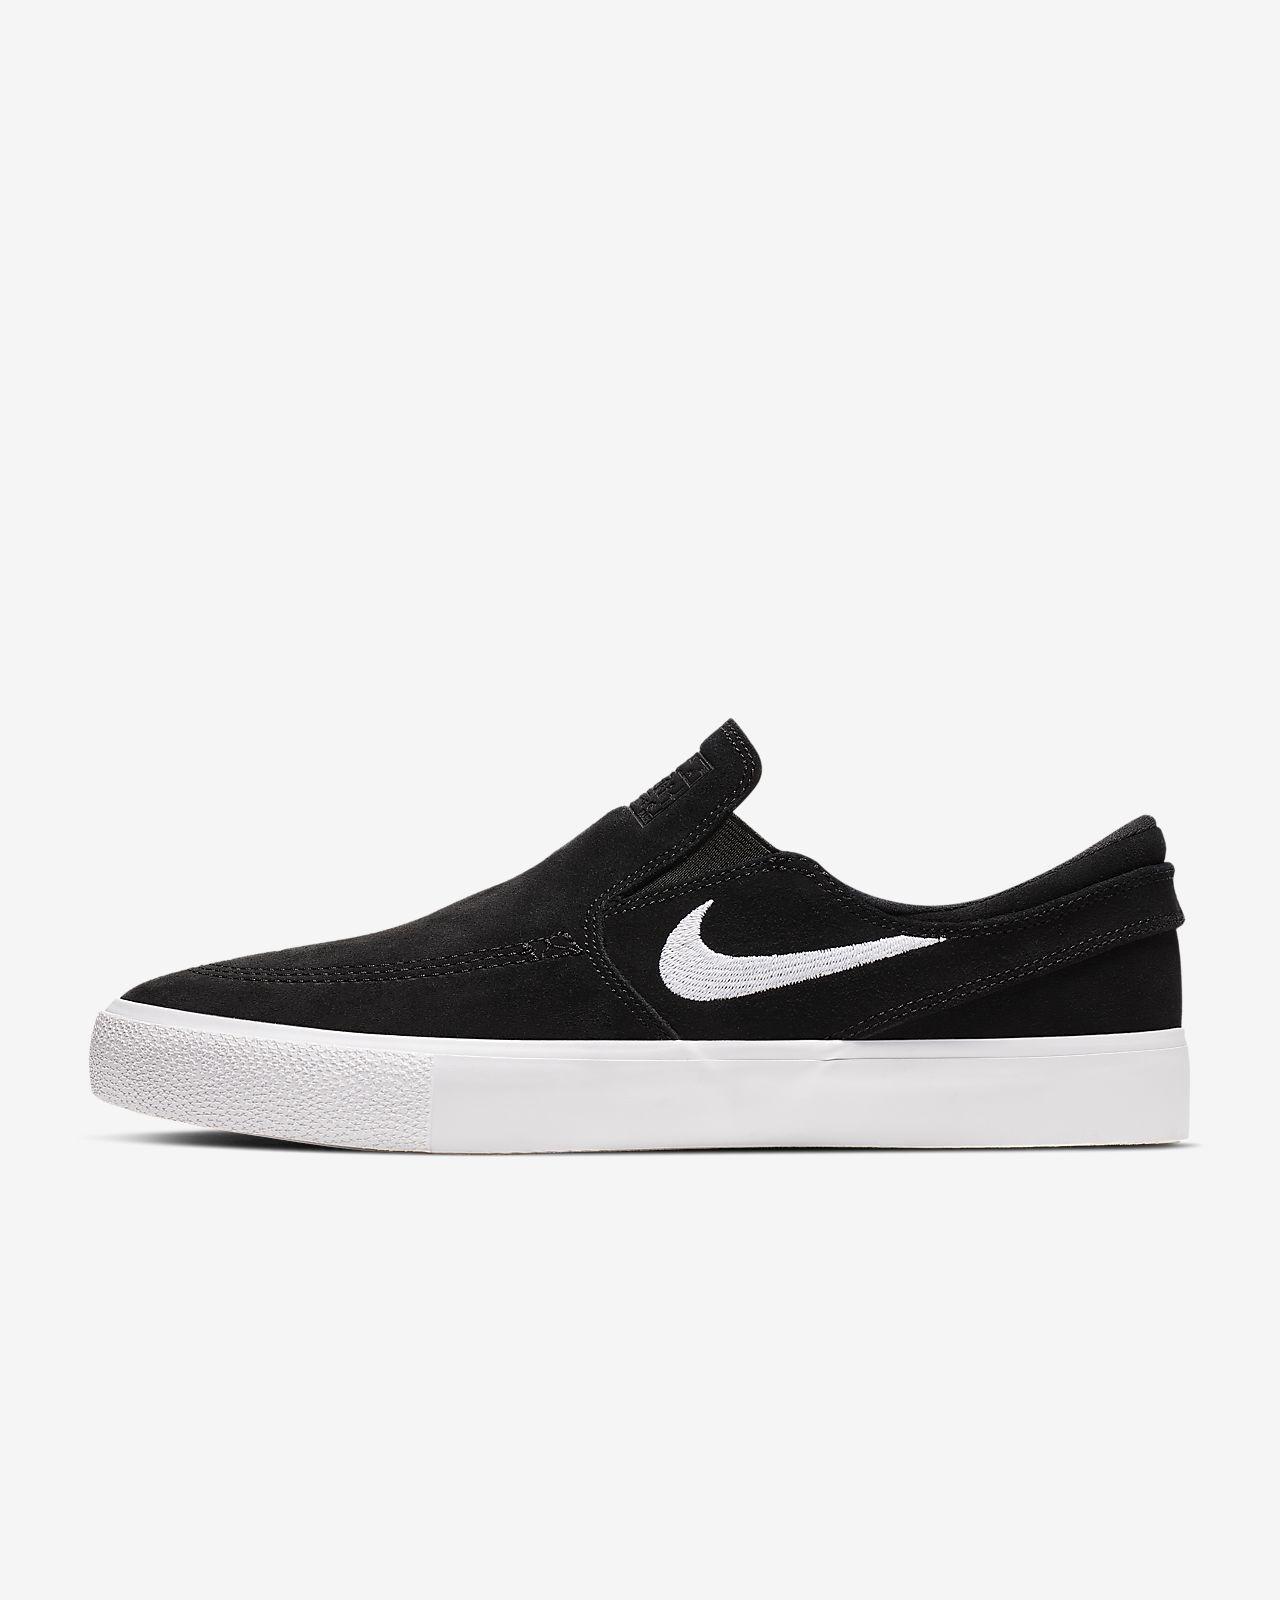 Nike SB Lunar Stefan Janoski Mid Skate Shoes Review